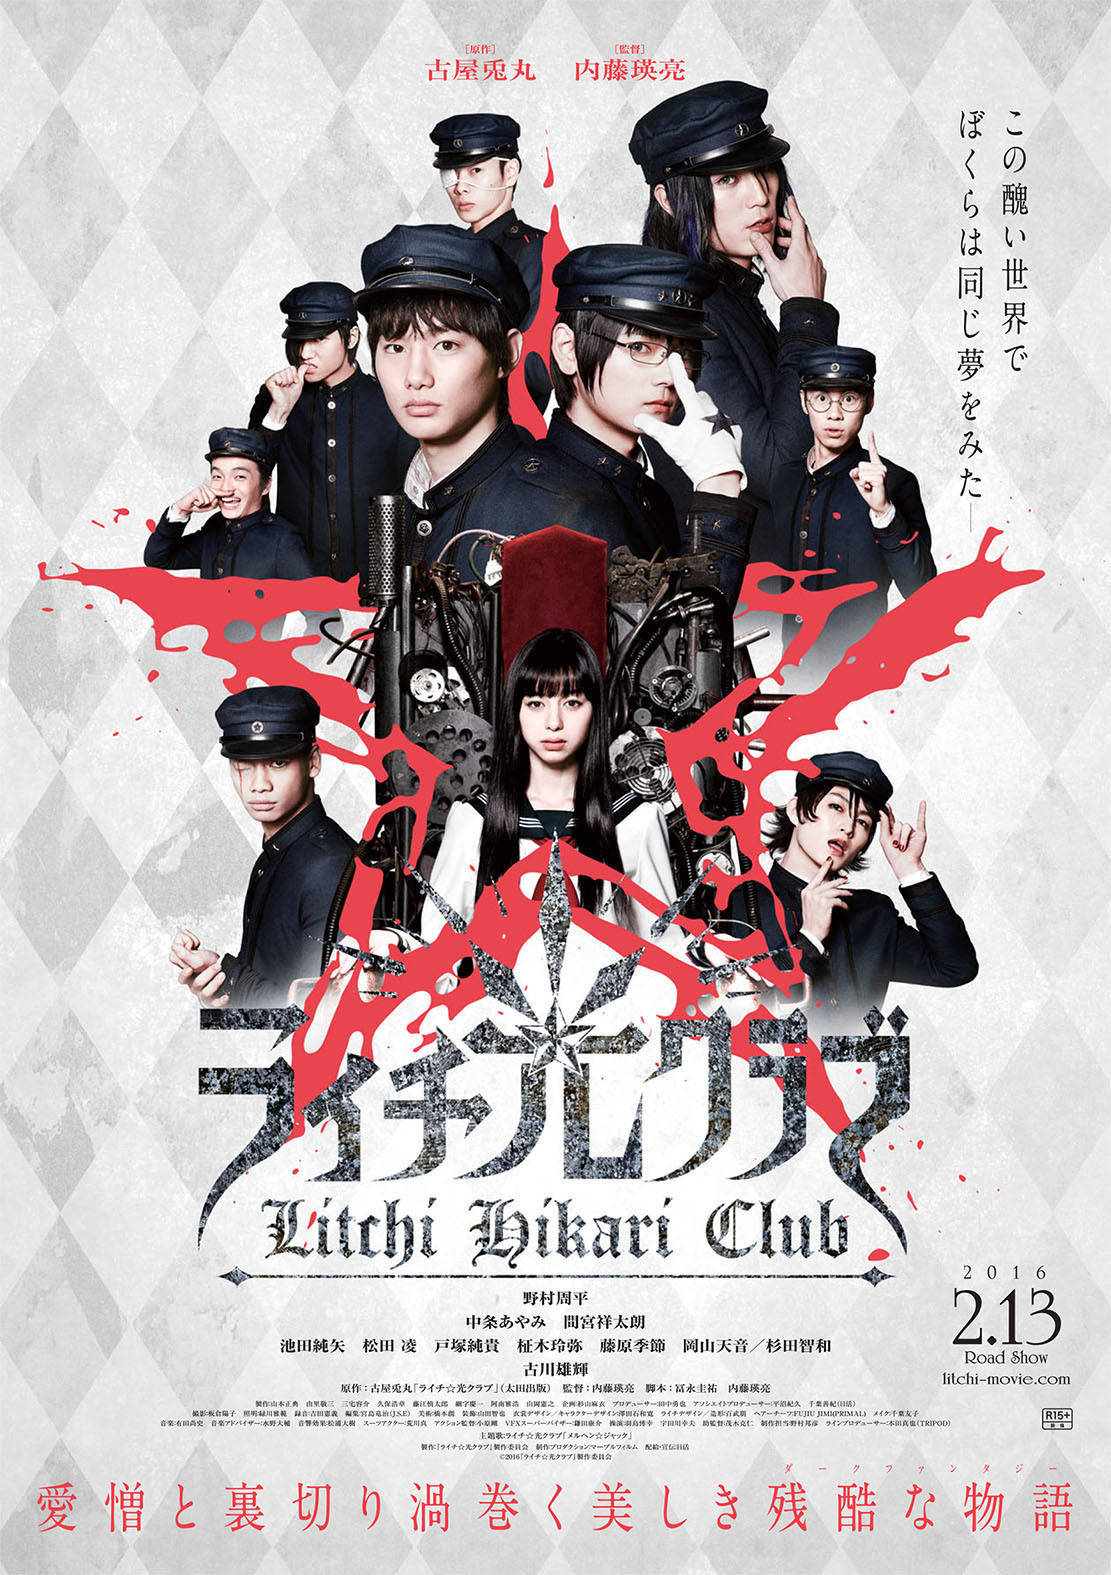 『ライチ☆光クラブ』 (C)2015『ライチ☆光クラブ』製作委員会